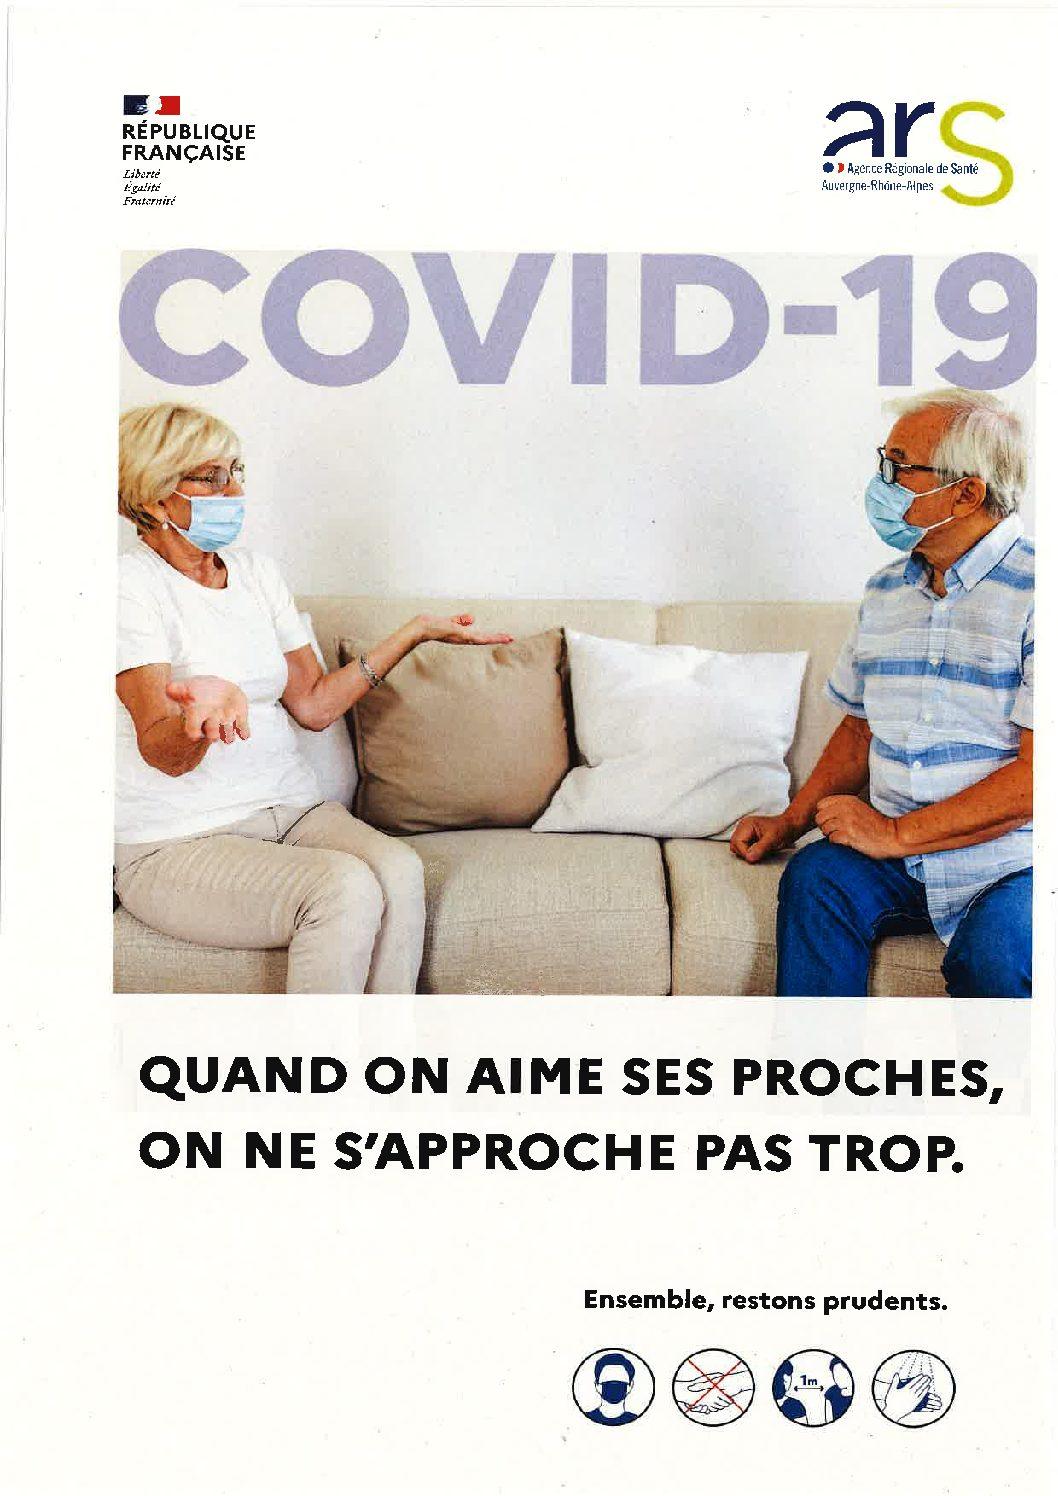 COVID-19 : Message de maintien de vigilance